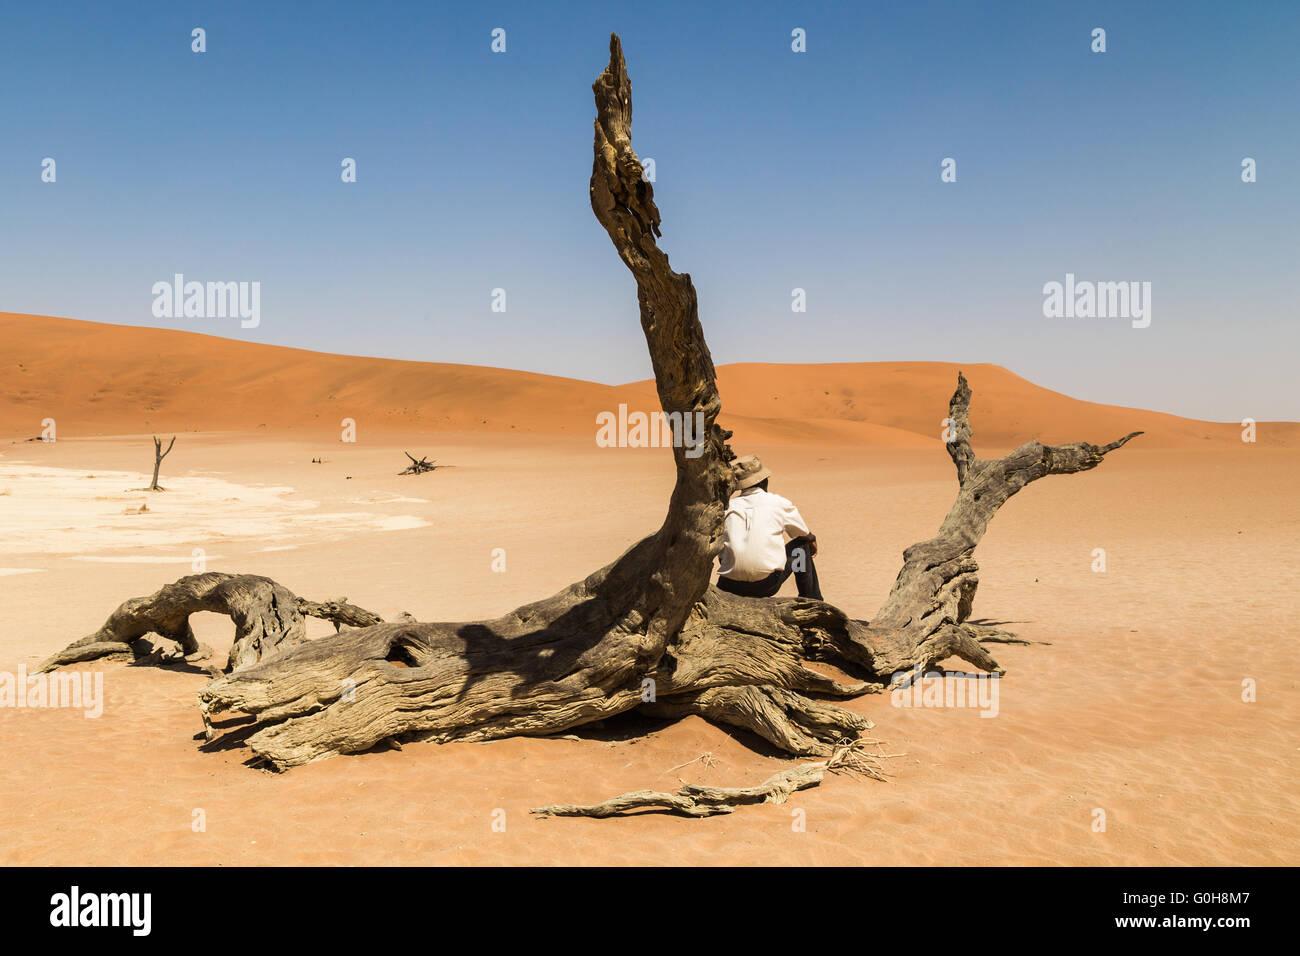 Homme seul assis sur une souche d'arbre au milieu du désert de Namibie. S'interrogeant sur amazing Photo Stock